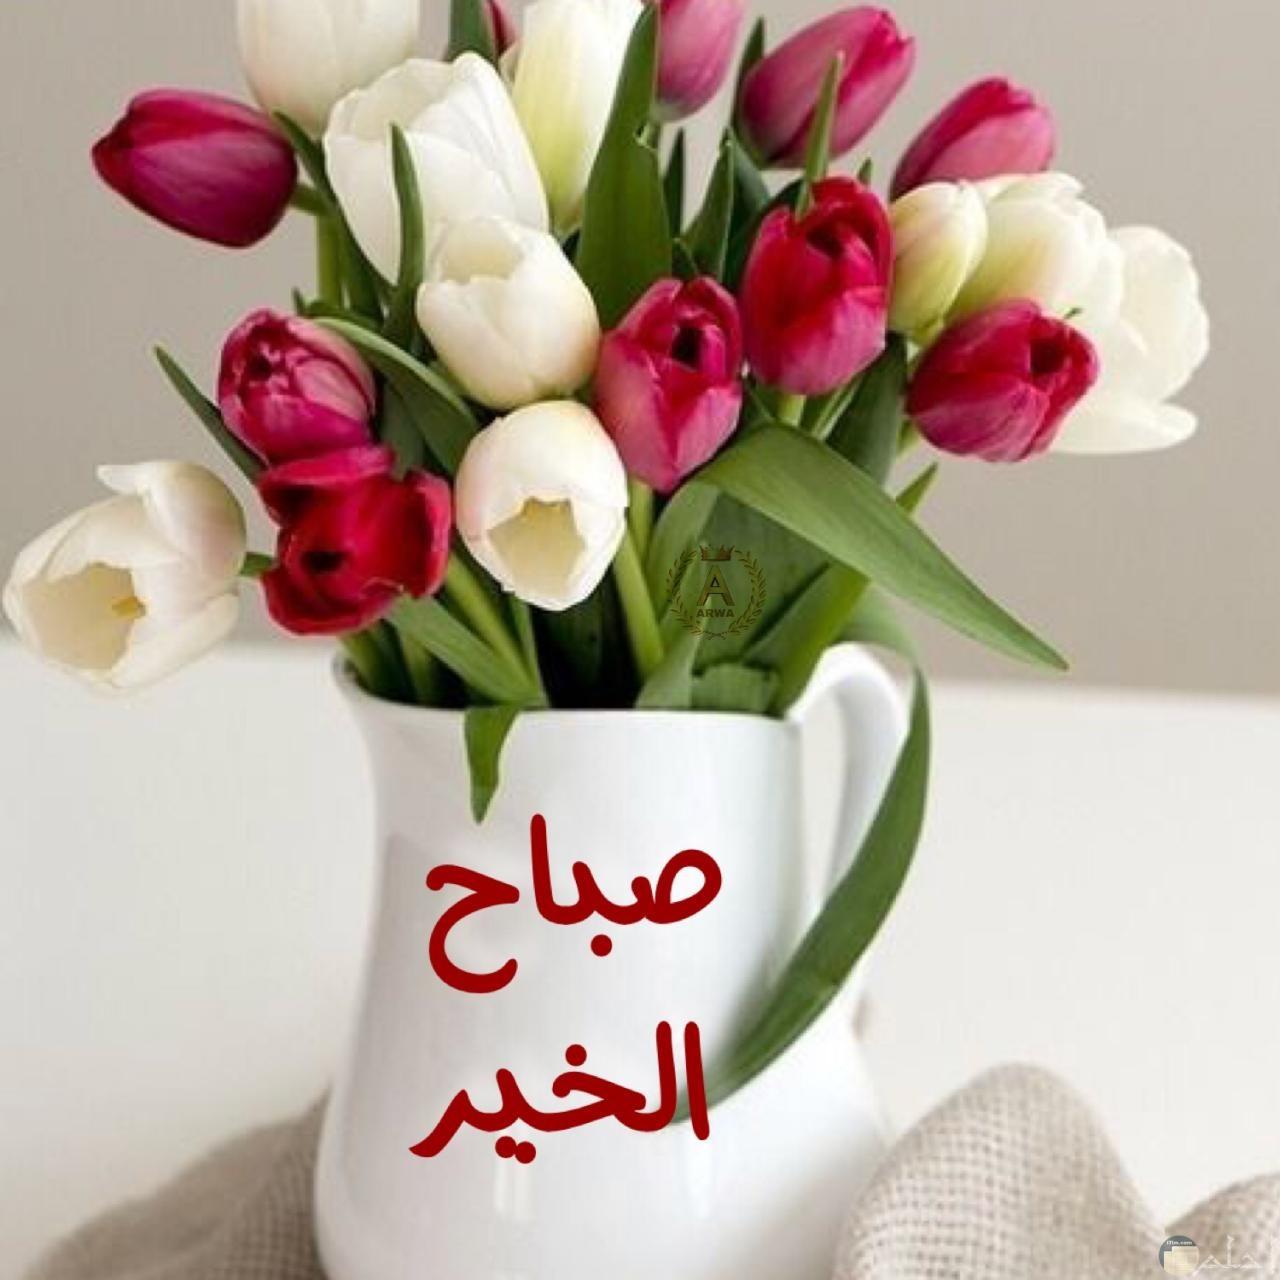 صورة صباح الخير و باقة ورد.